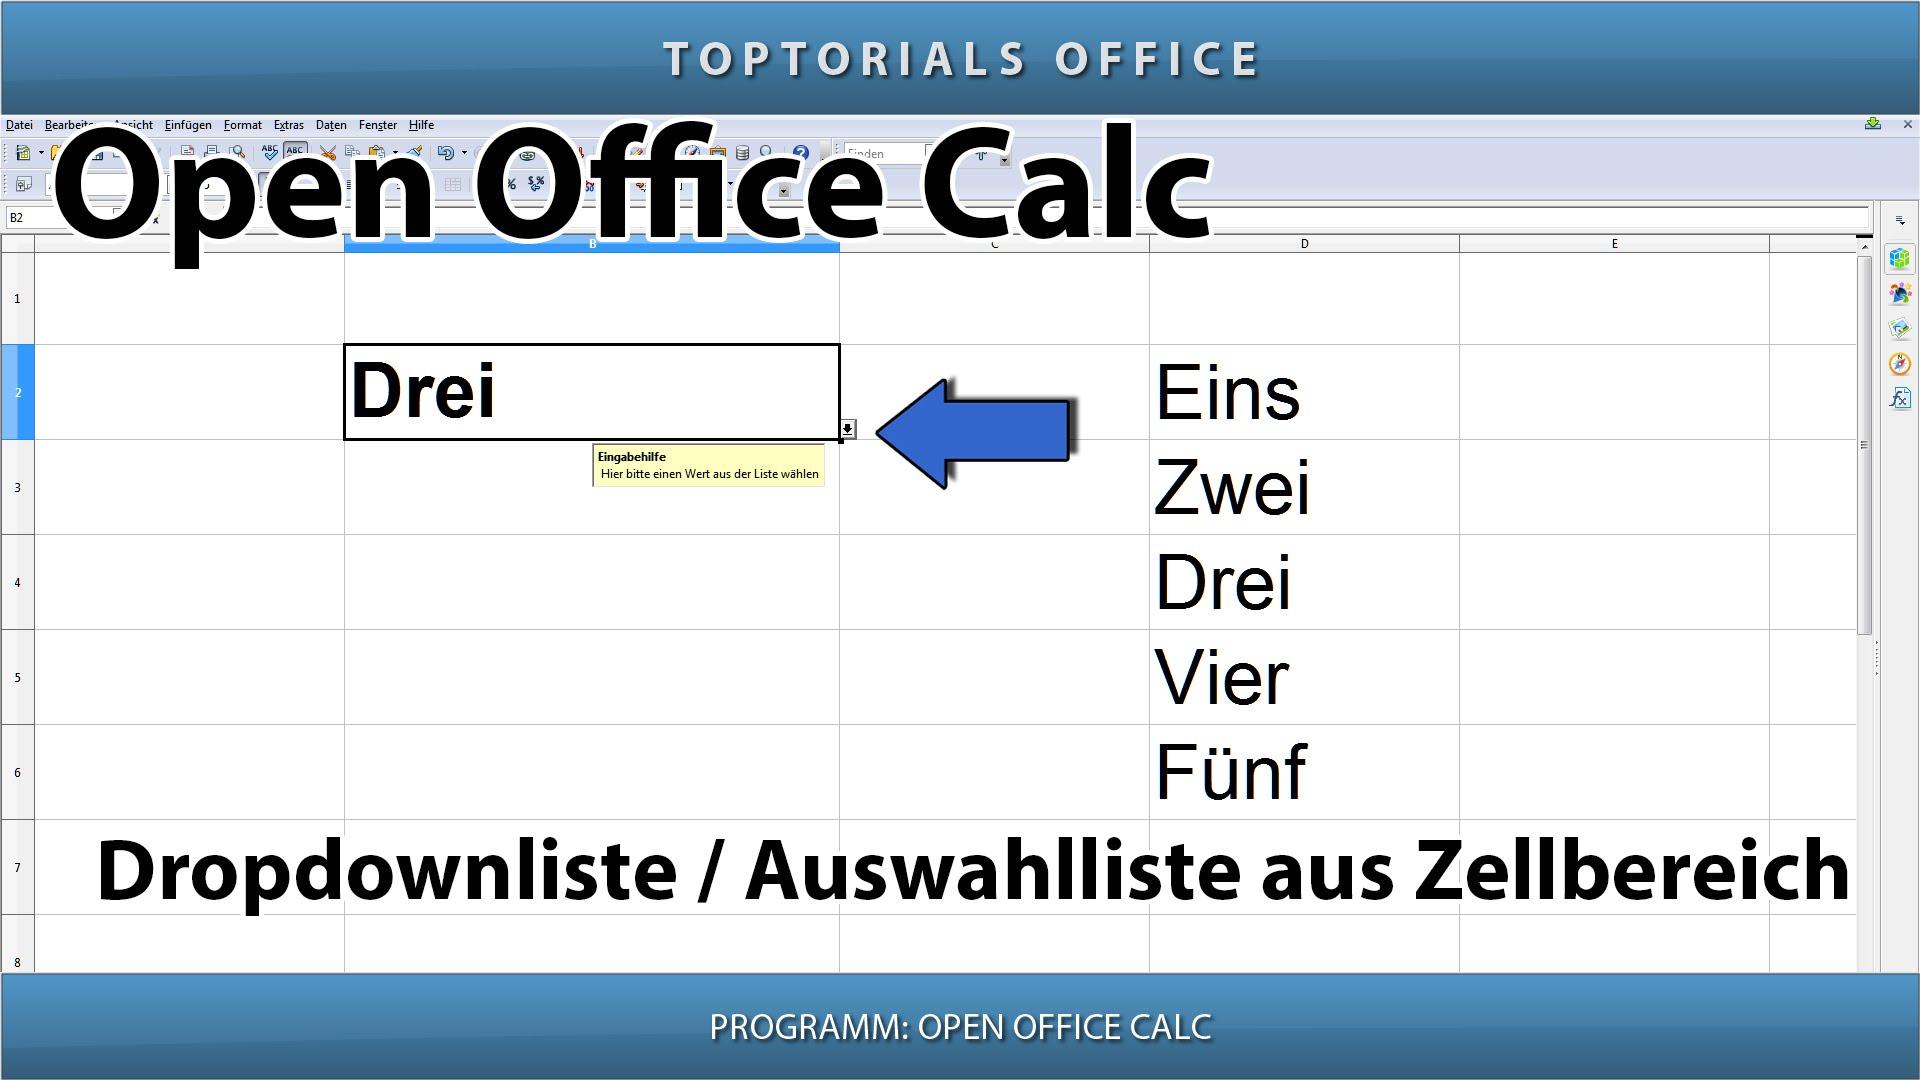 Schön Microsoft Office Datenbankvorlagen Bilder - Entry Level Resume ...